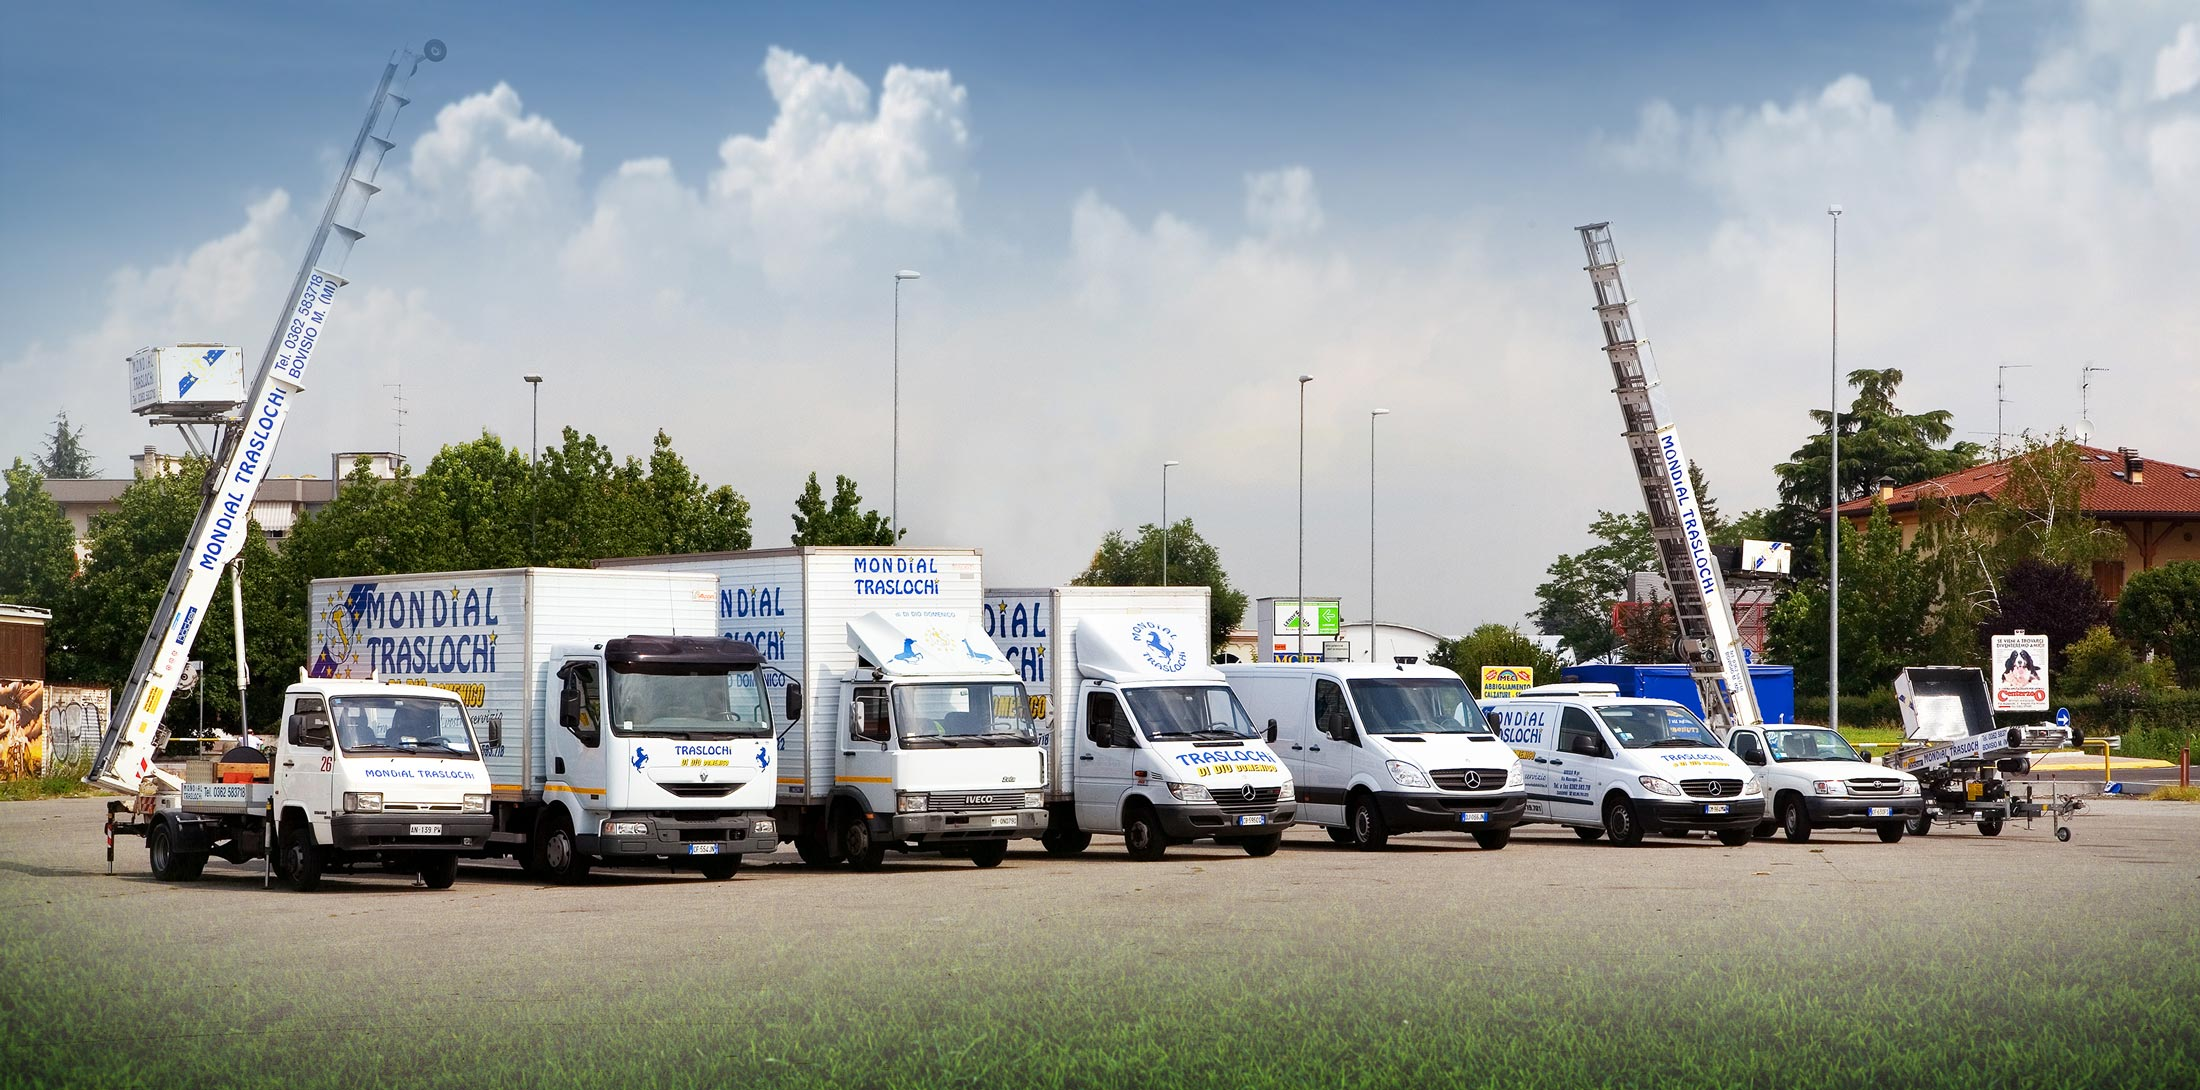 Flotta automezzi e attrezzature Mondial Traslochi